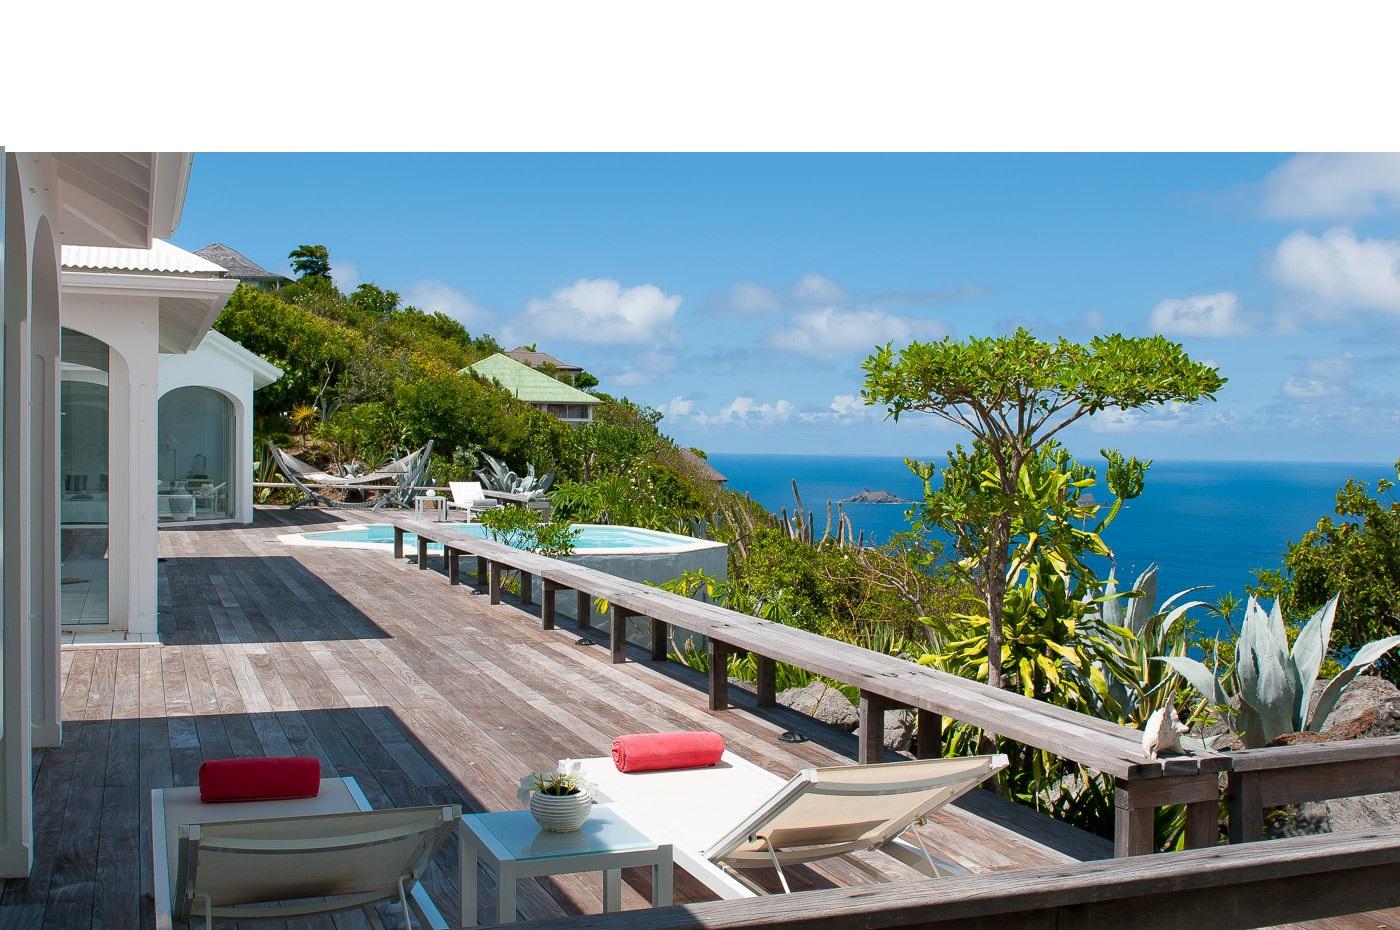 Location Vacances St Barthélémy - Villa De Luxe Avec Piscine Privée Et Vue  Mer À St Barth - Colombier - Caraibes - Antilles Françaises pour Piscine Du Colombier